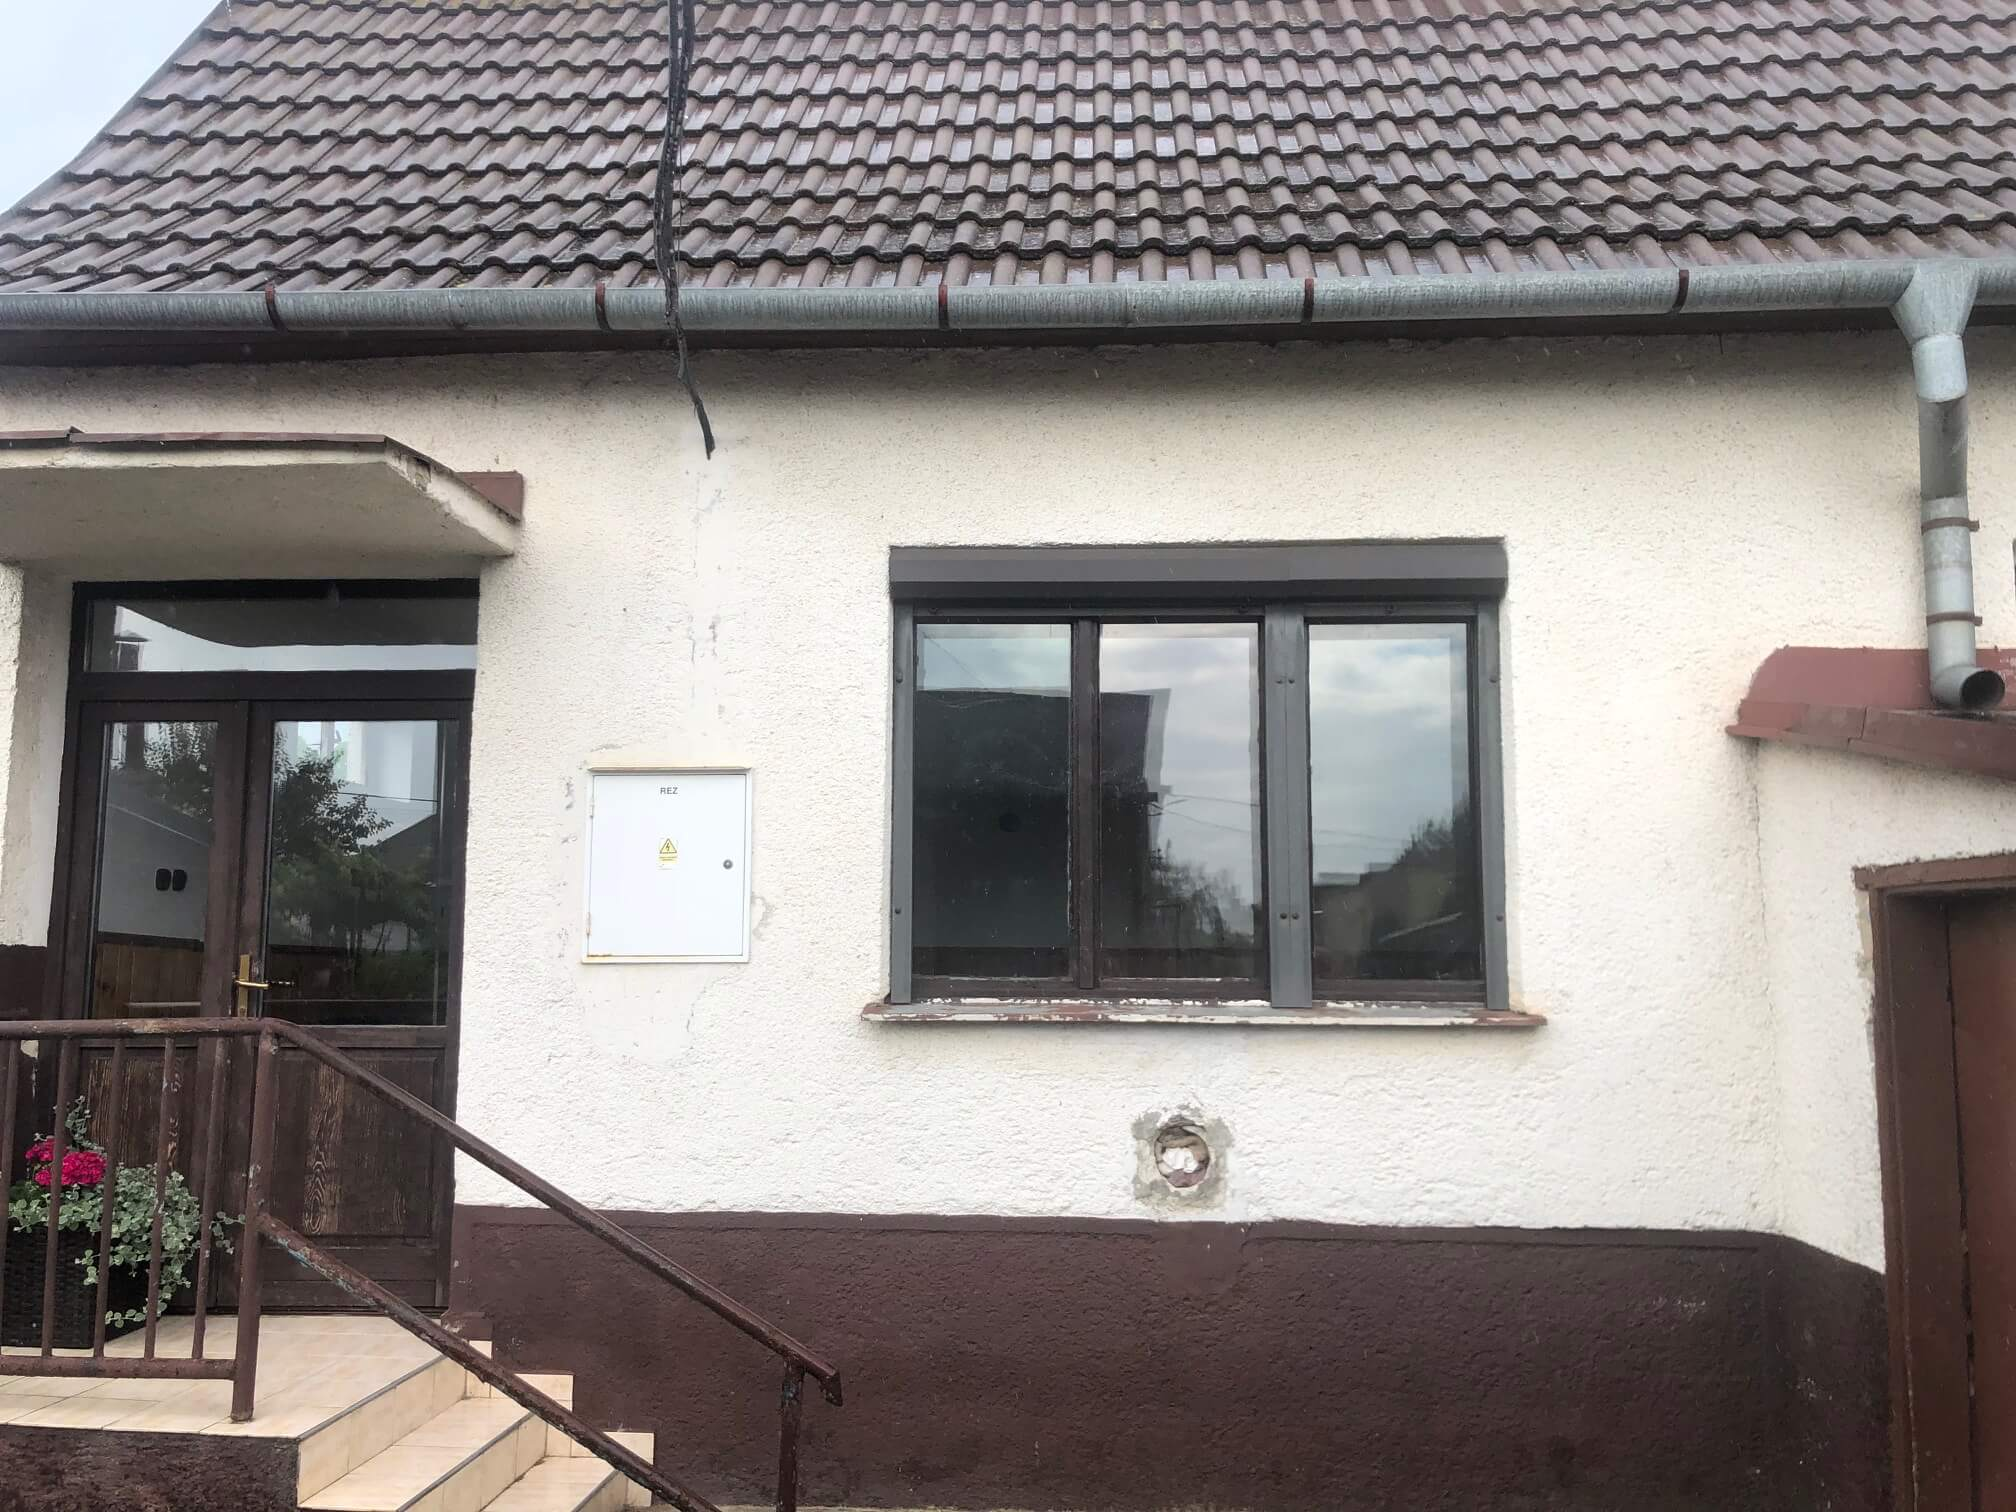 Predané: Pôvodný 4 izbový Rodinný dom v Šoporni, úžitková 96m2 plus 96m2 povala, pozemok 550m2-1